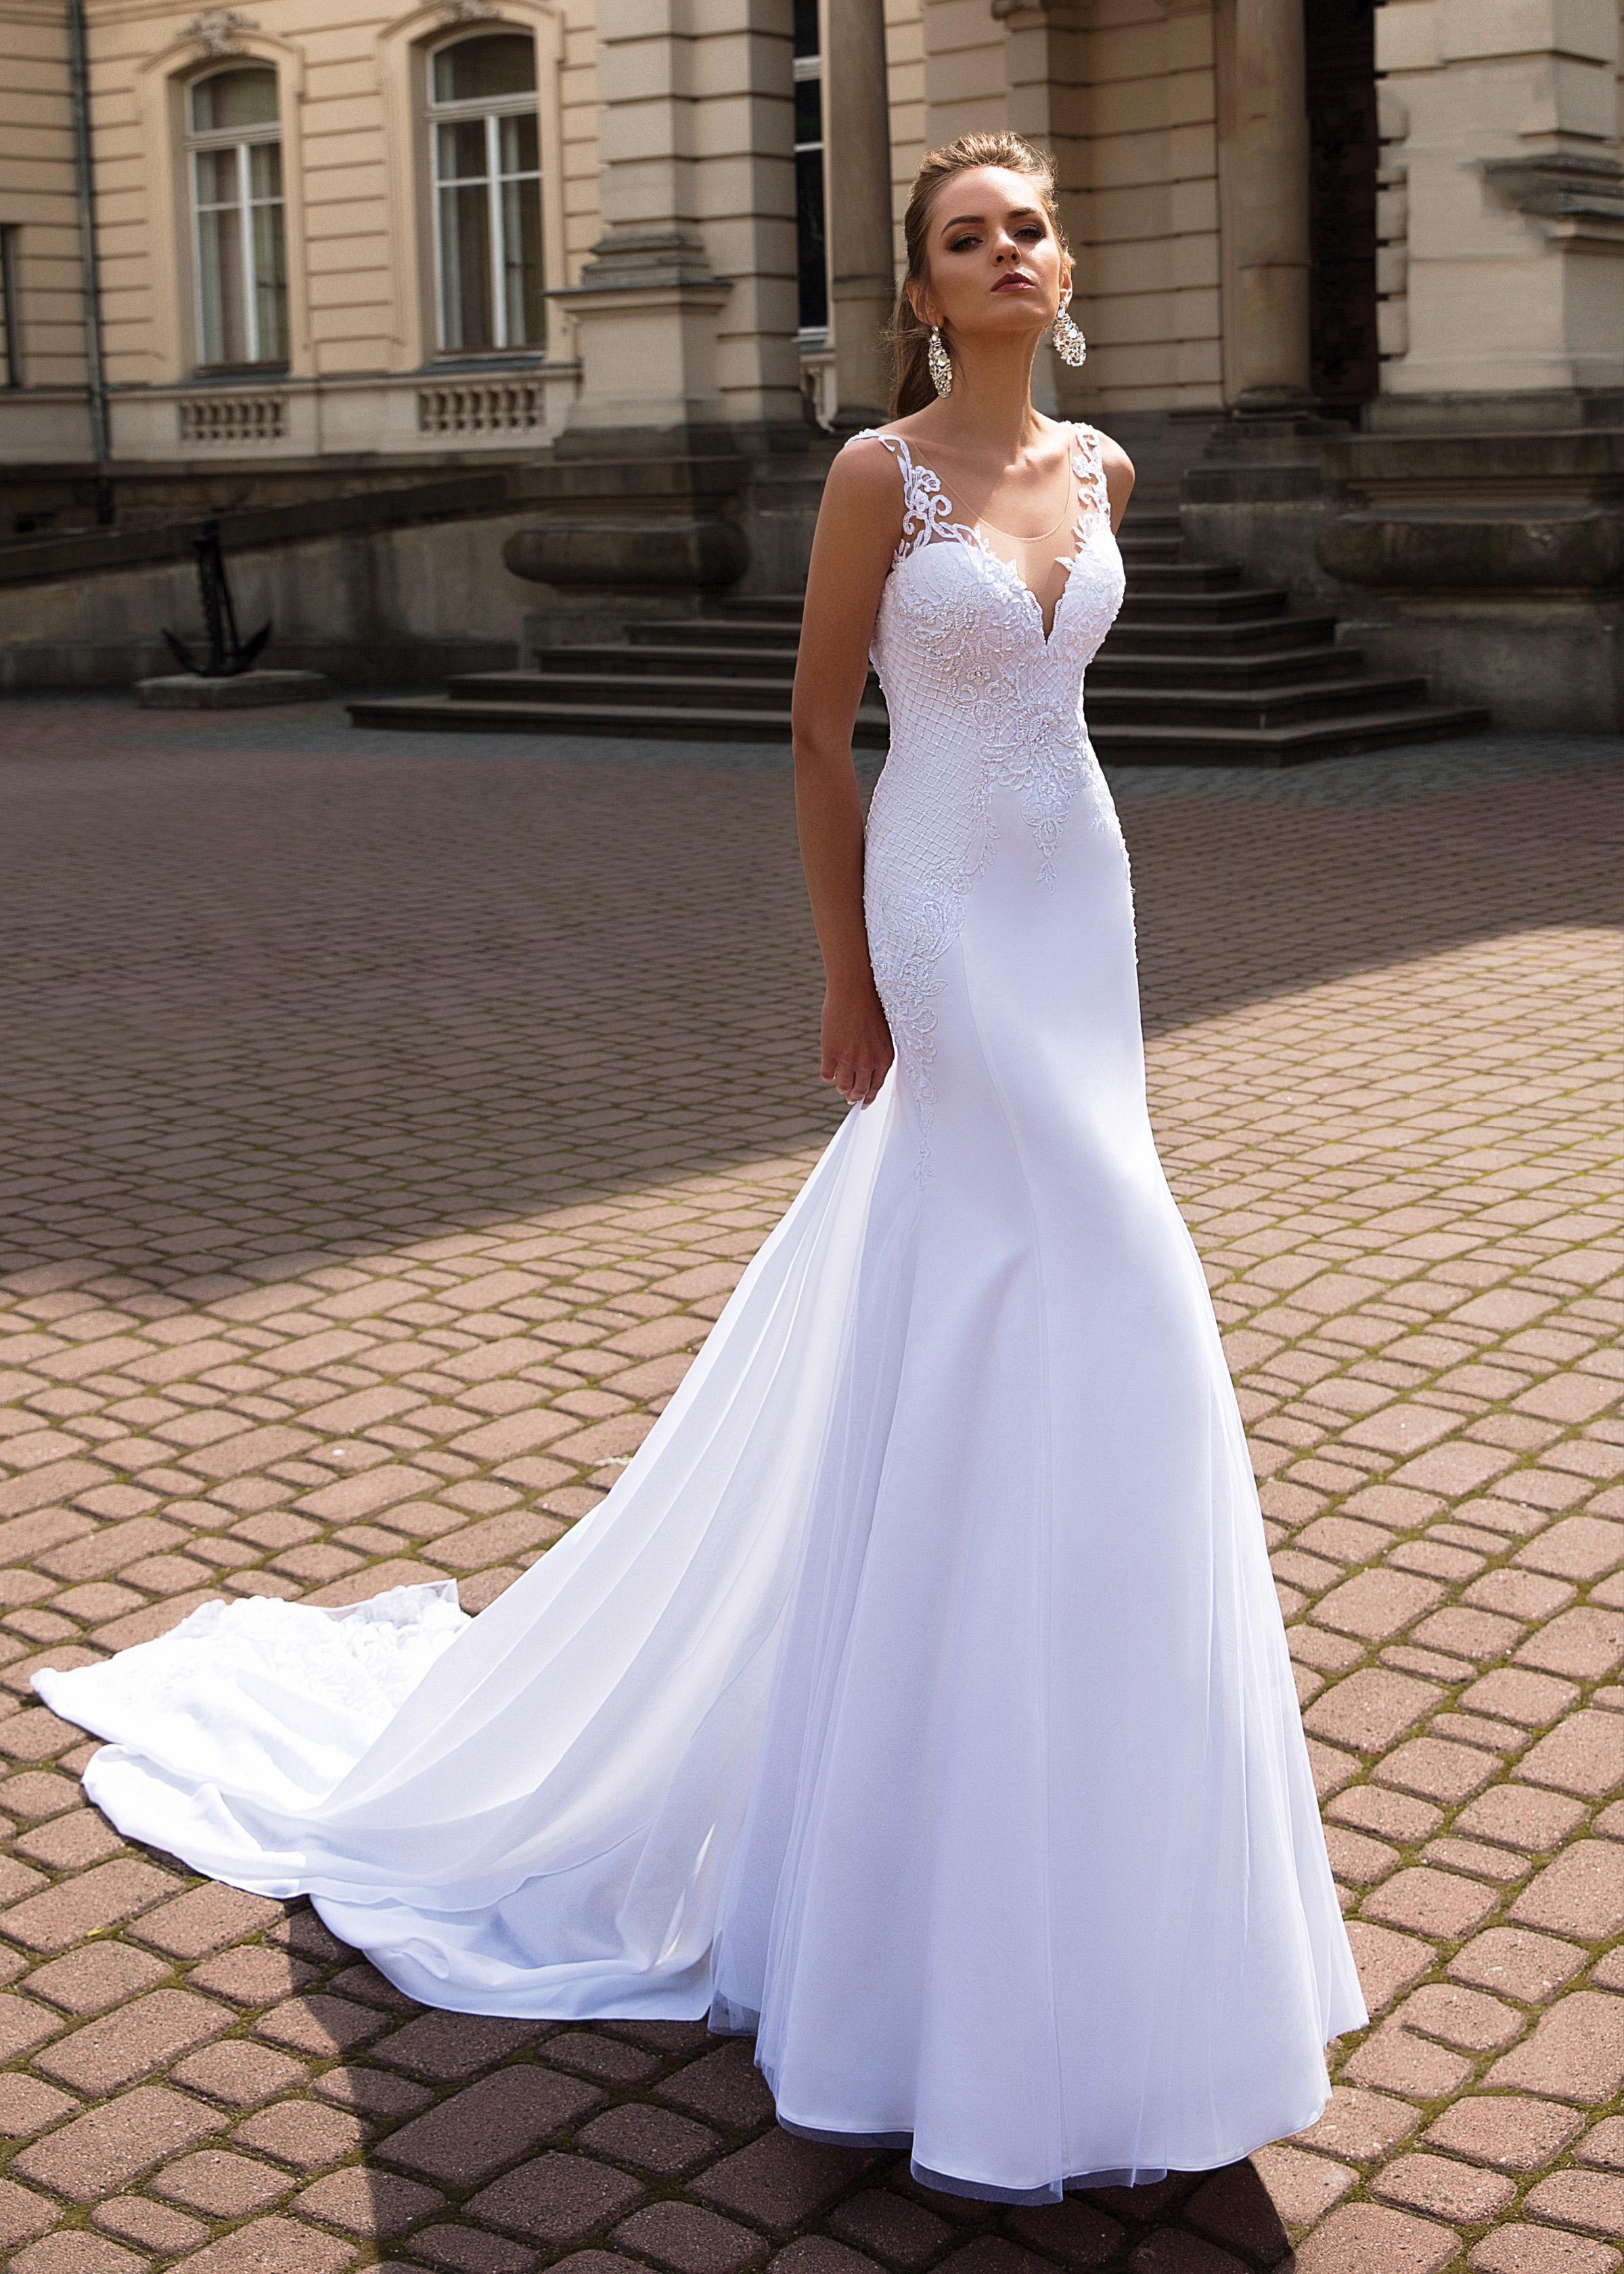 Zarif Mermaid Gelinlik Kadınlar Için 2021 Robe De Mariée Seksi Backless Dantel Gelinlikler Custom Made V Boyun Gelin Elbiseler